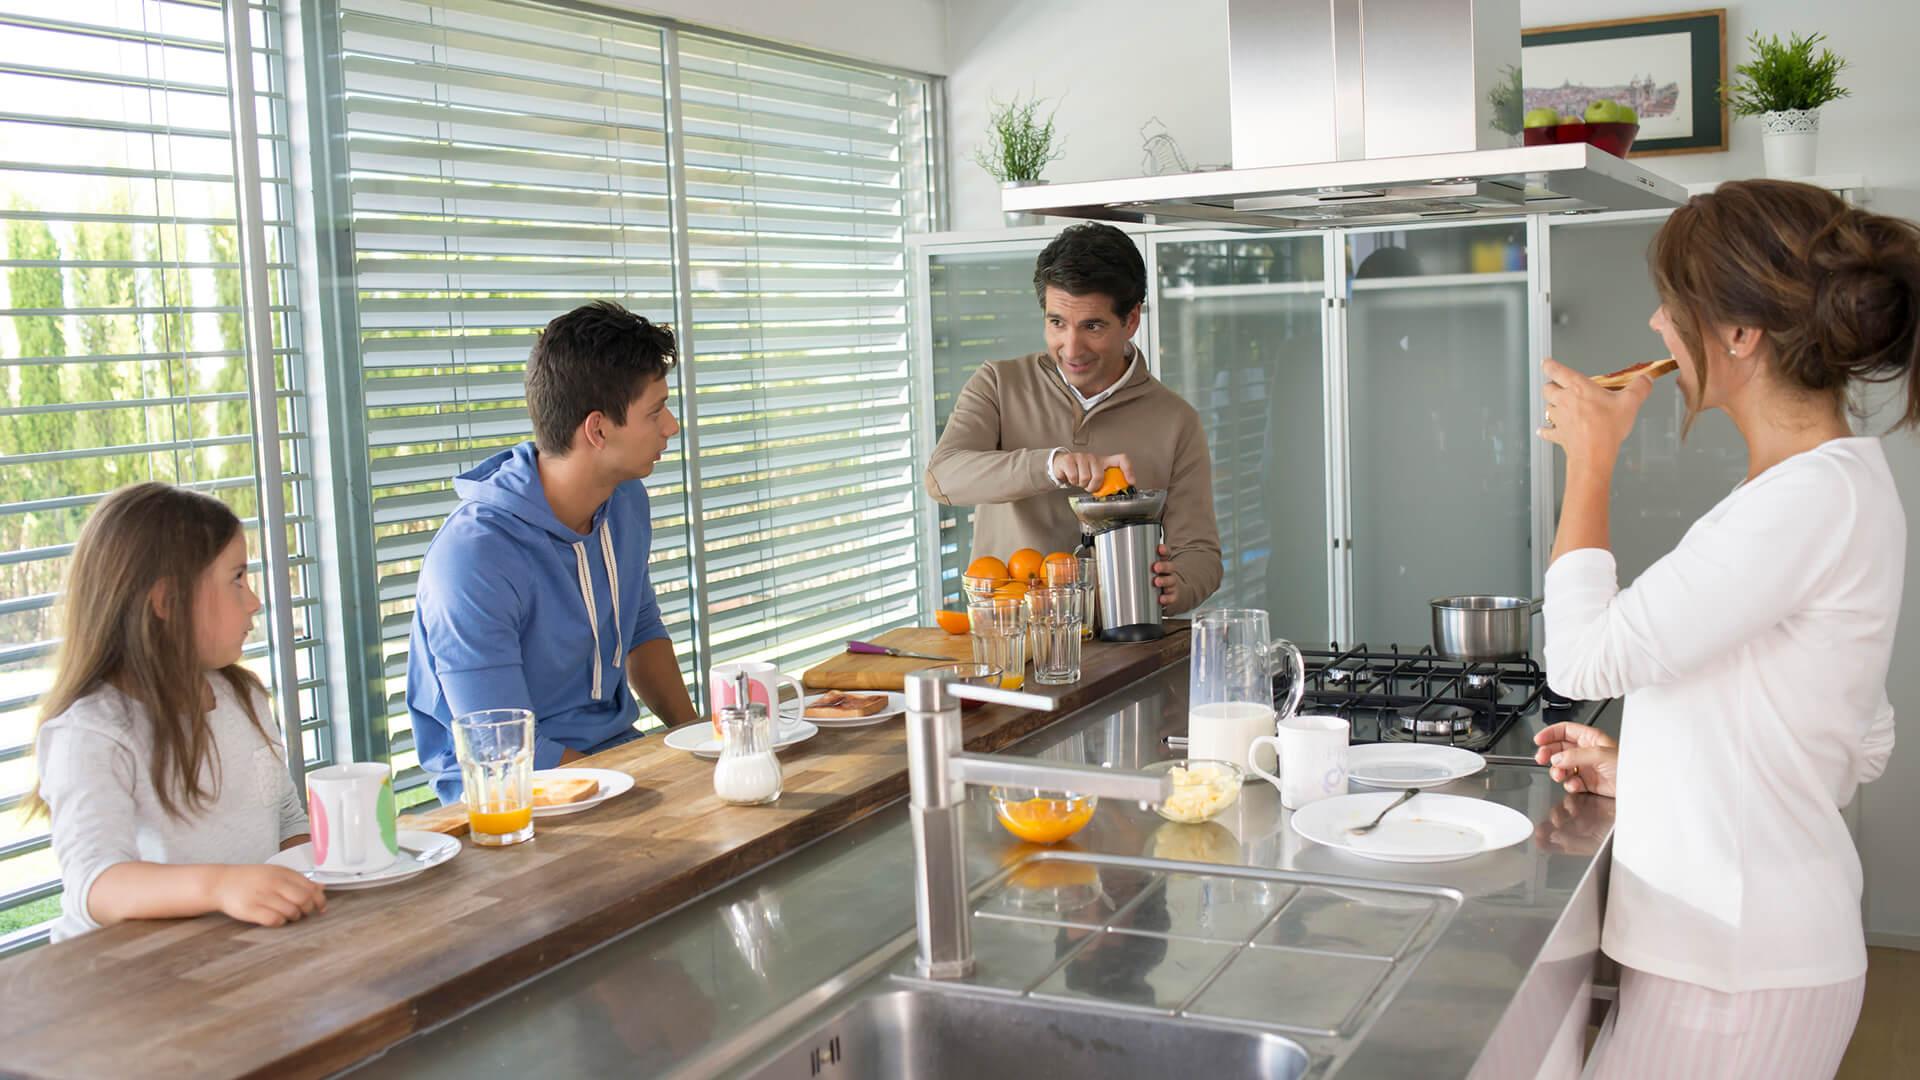 Consejos eficientes para uso doméstico